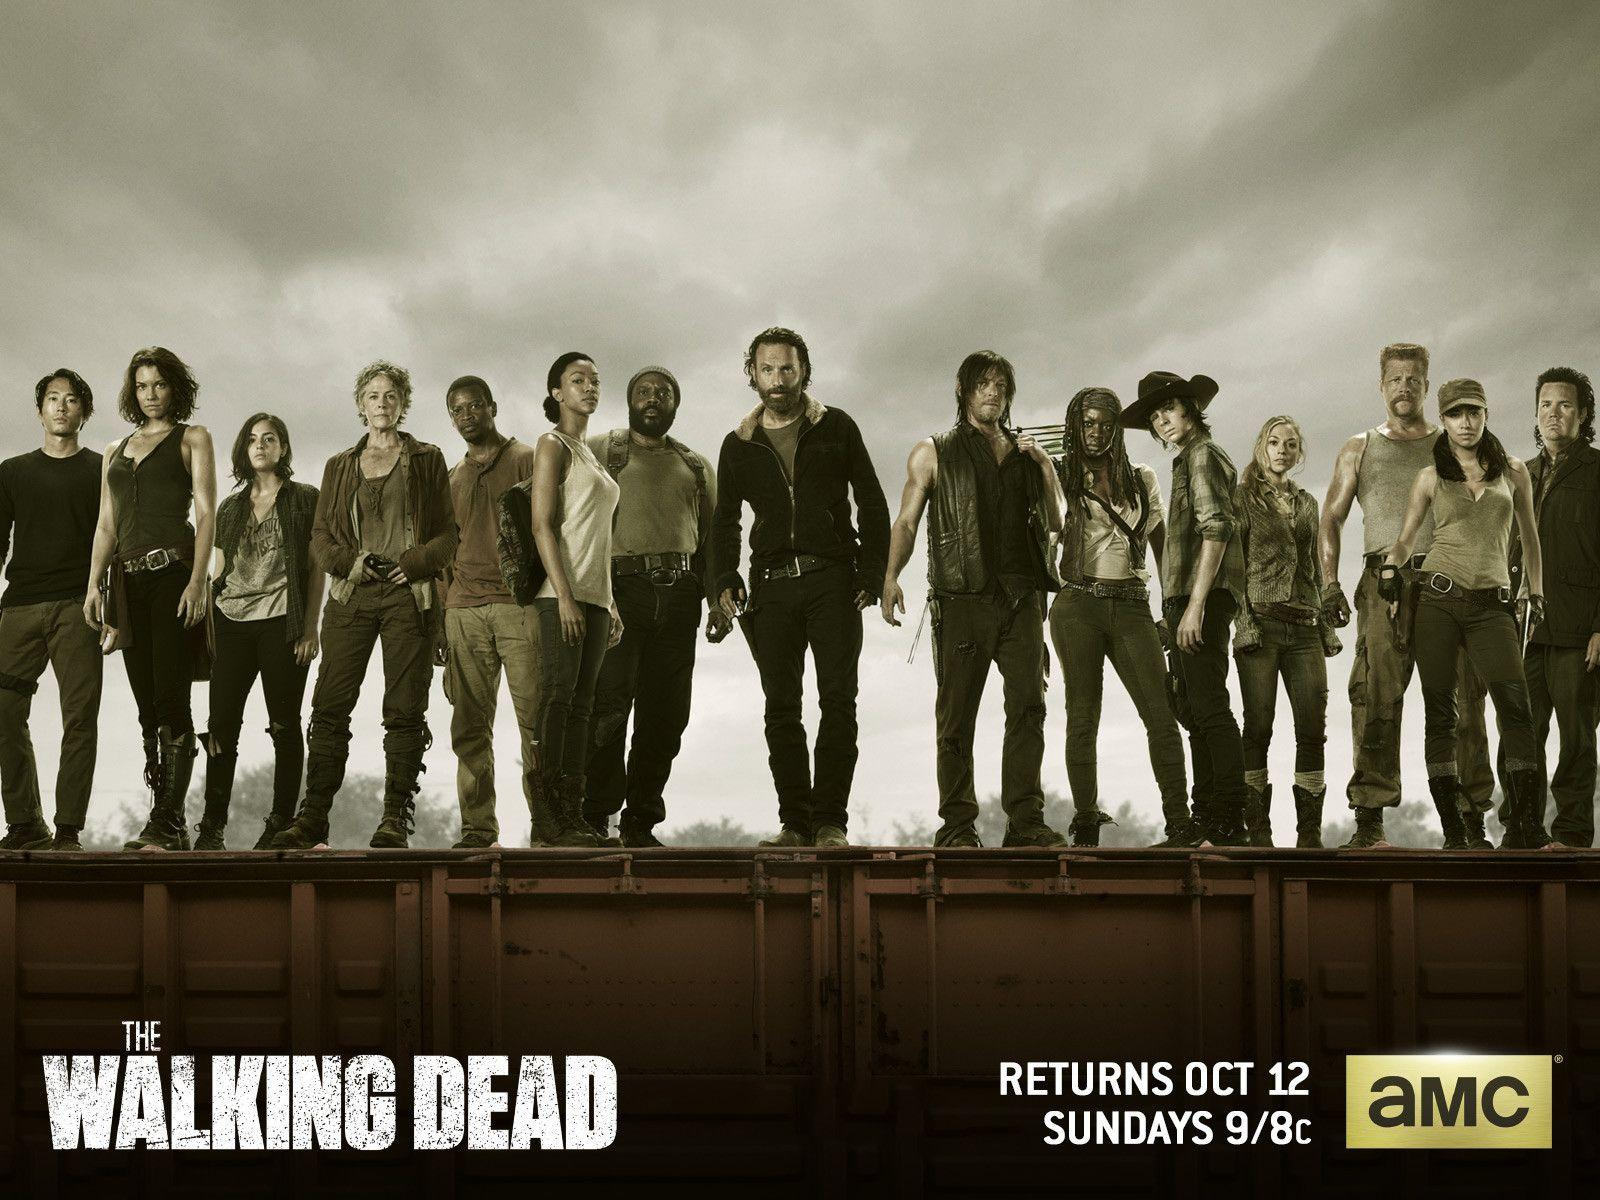 The Walking Dead Season 5 Wallpapers Wallpaper Cave